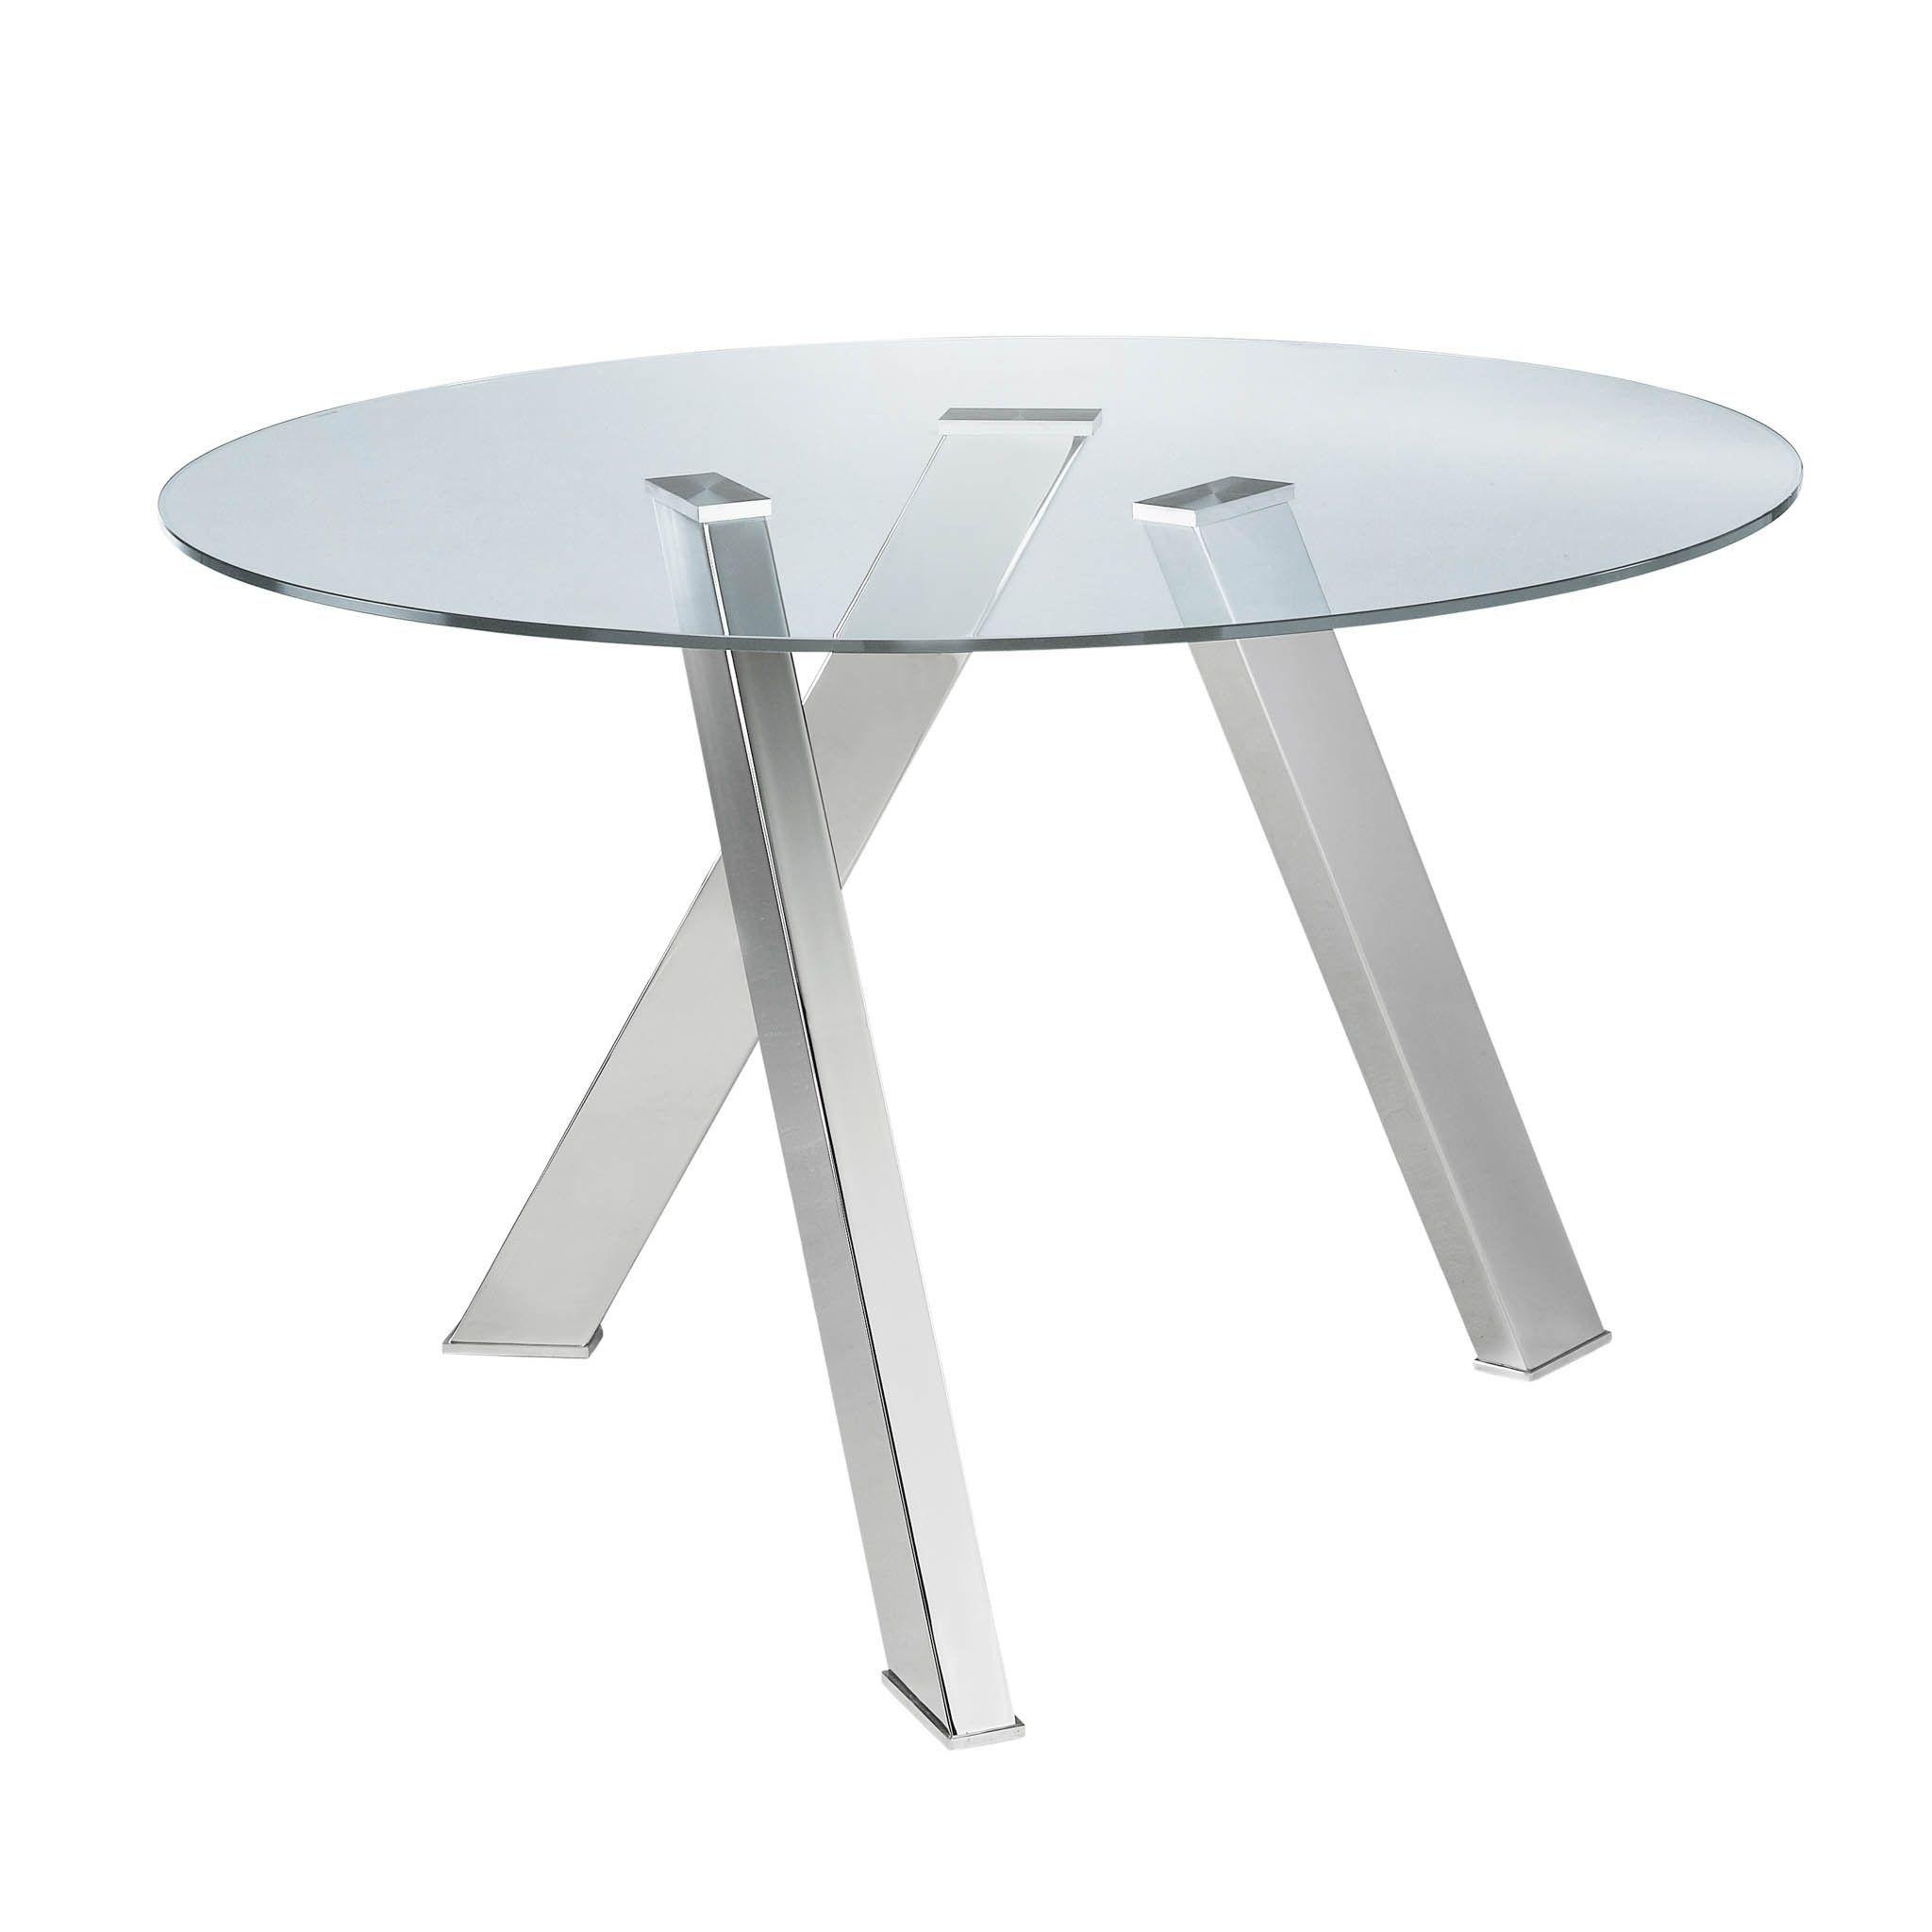 sunpan ikon manhattan round dining table by sunpan round